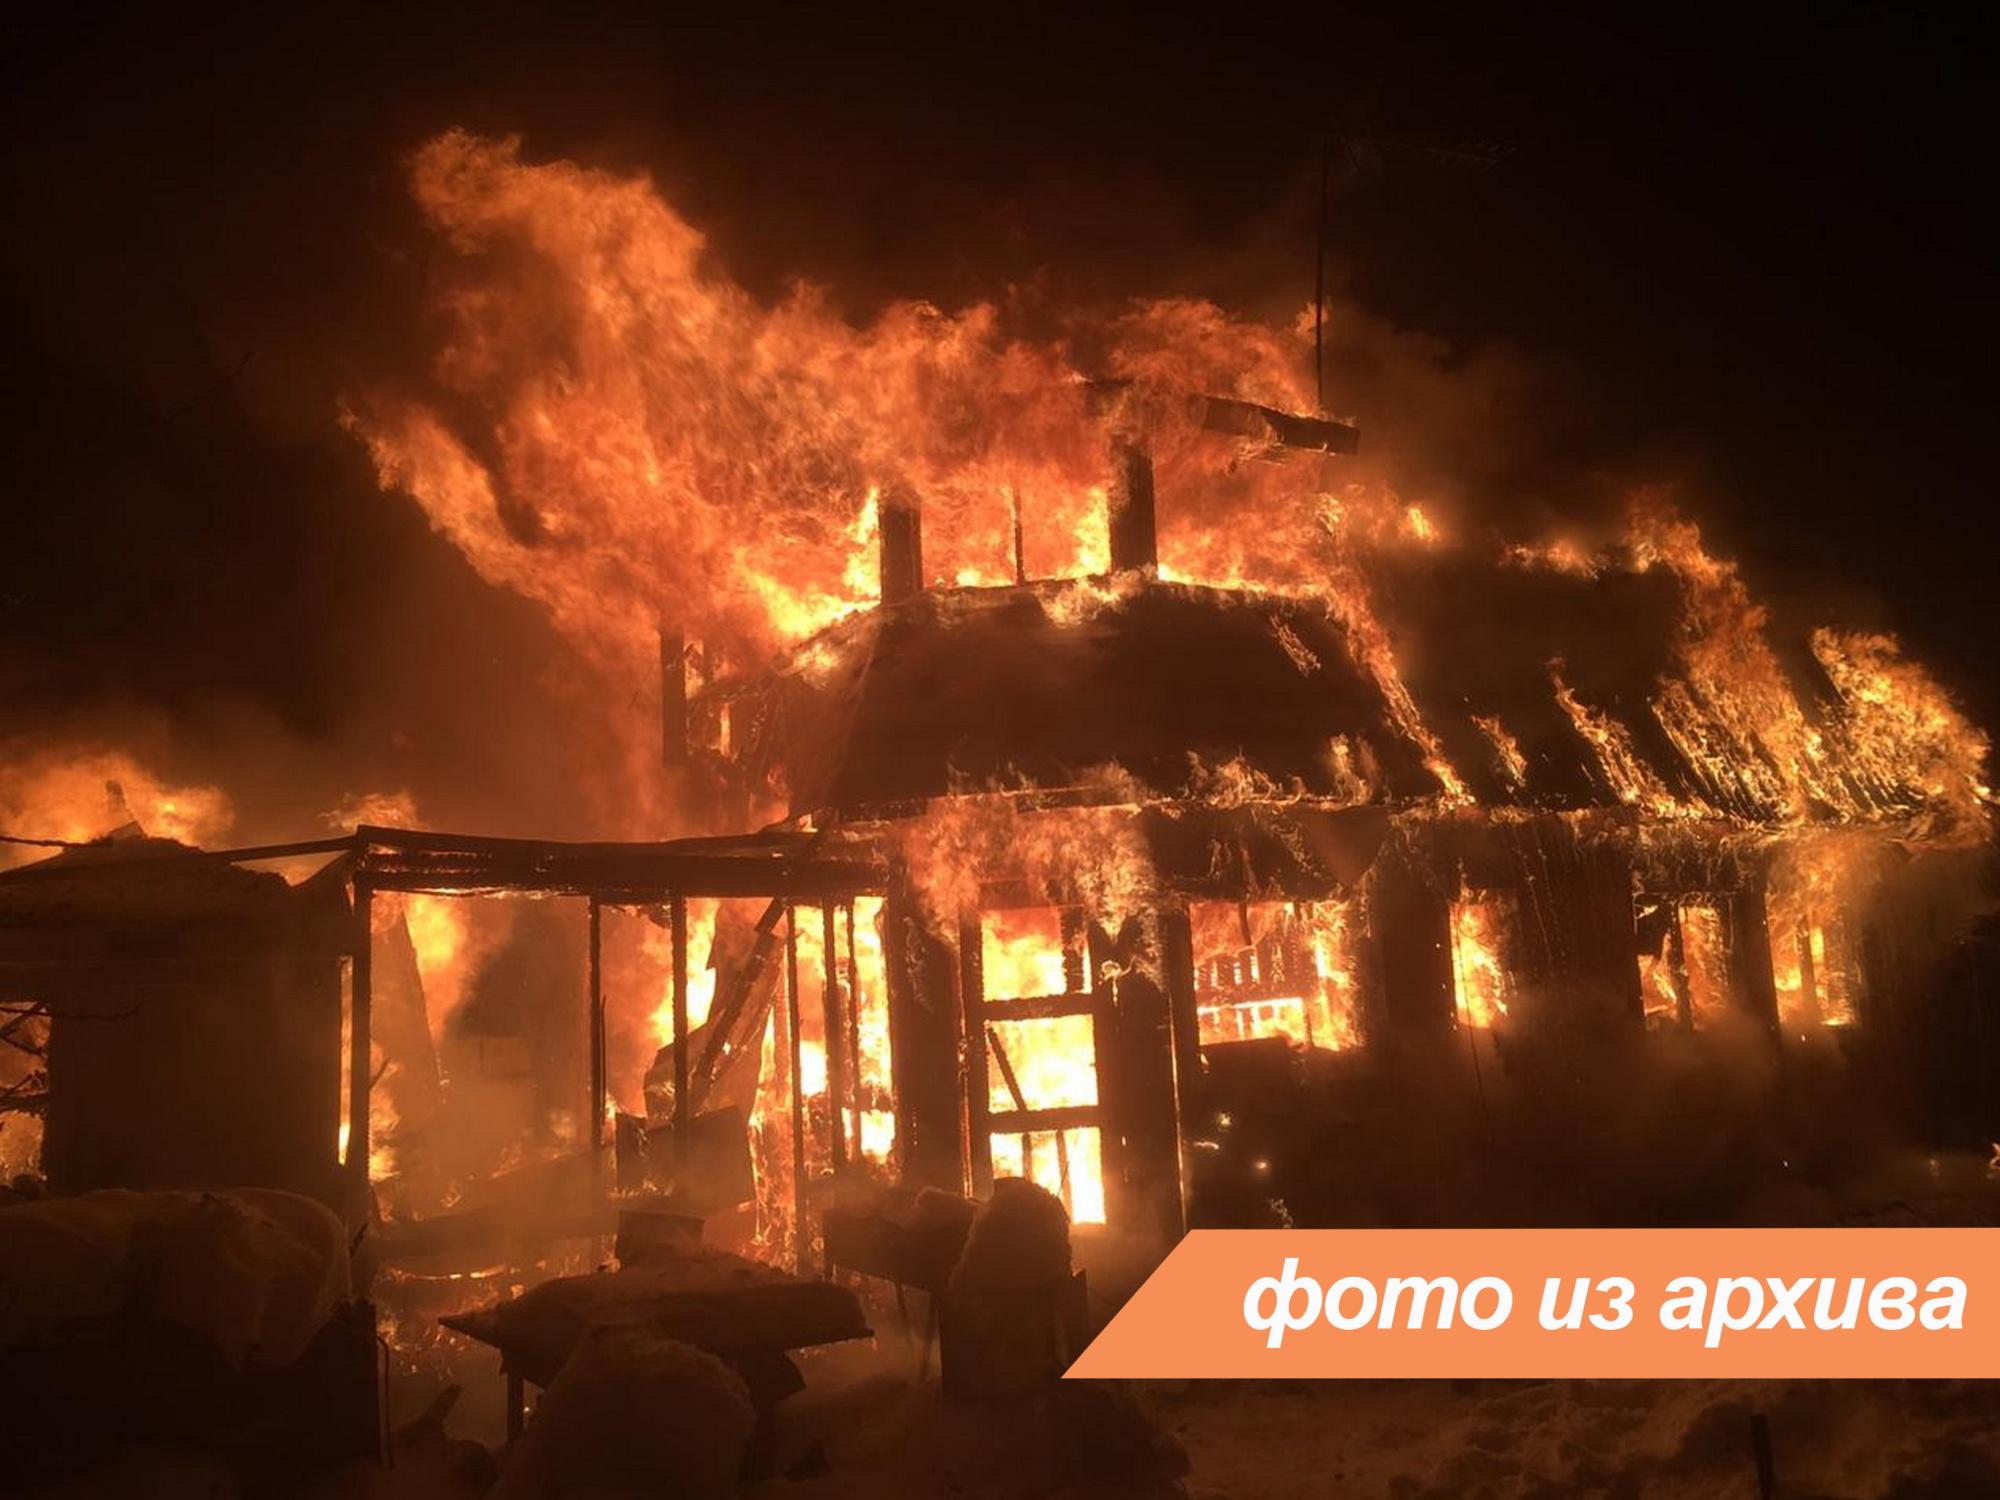 Пожарно-спасательные подразделения Ленинградской области ликвидировали пожар в городе Выборг